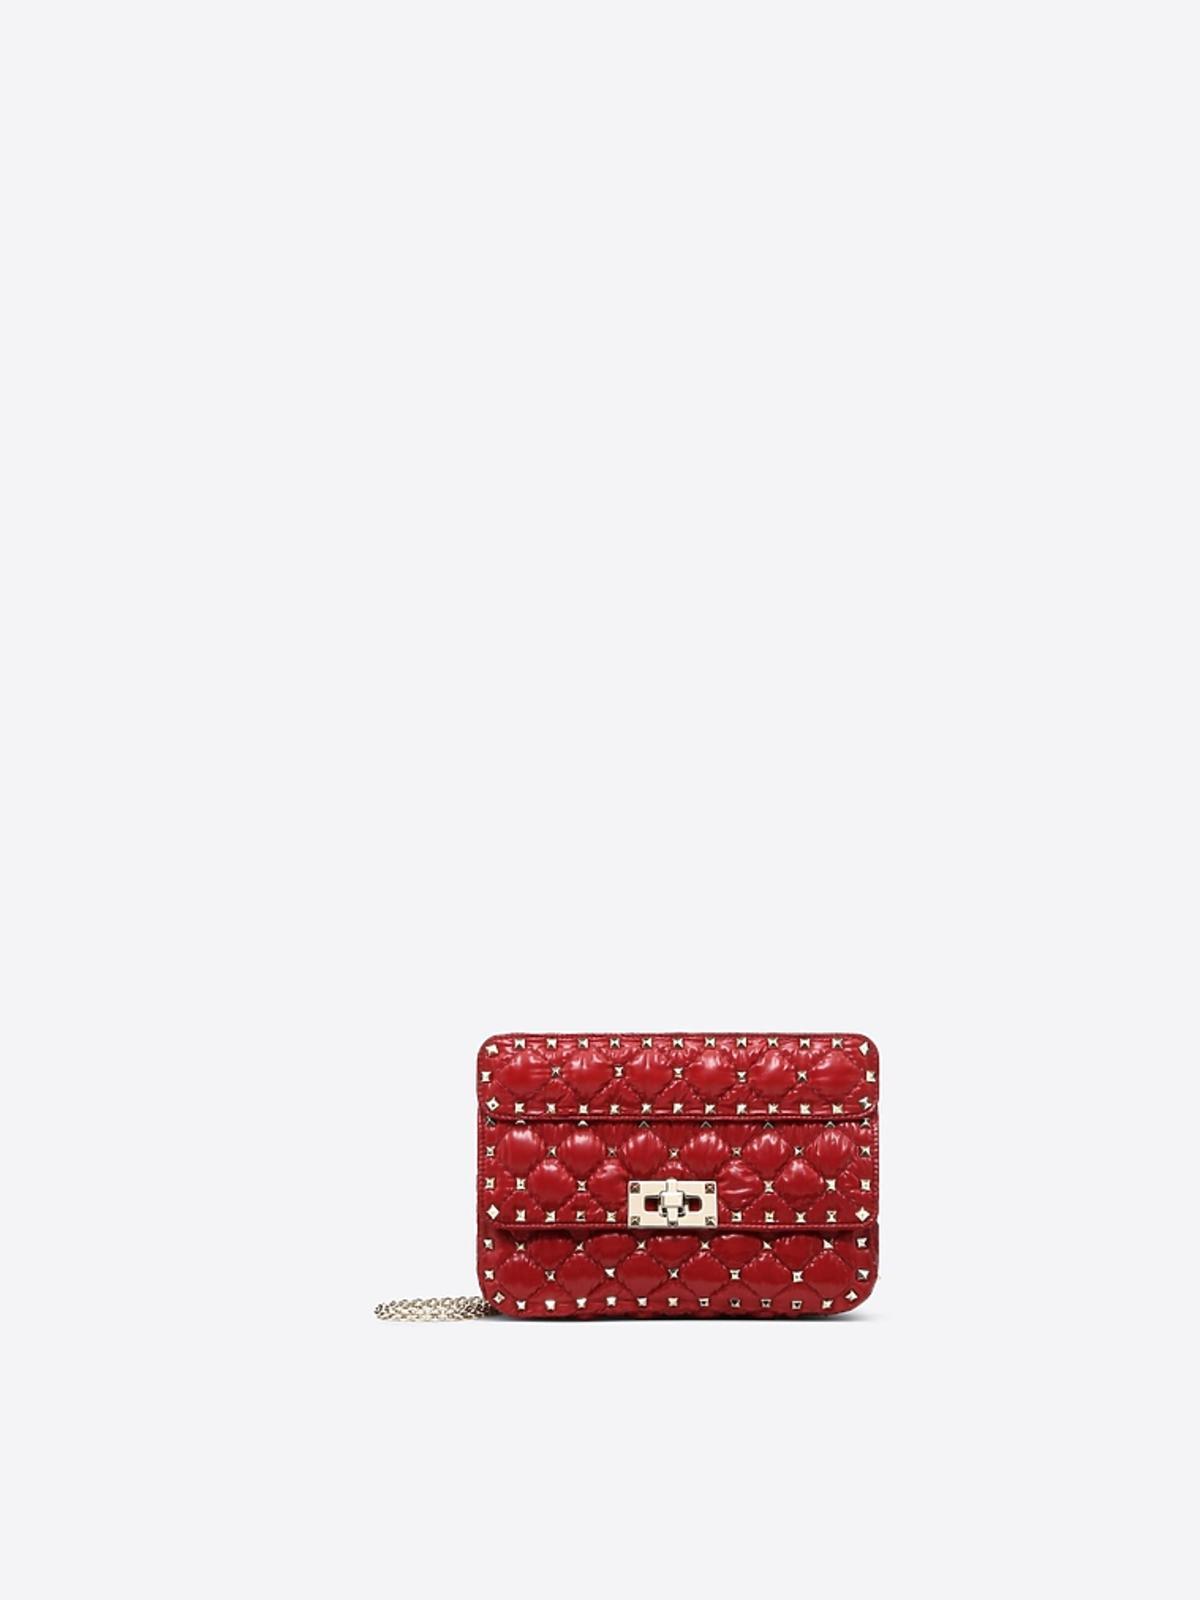 torebka pokowana czerwona Valentino dla Moncler